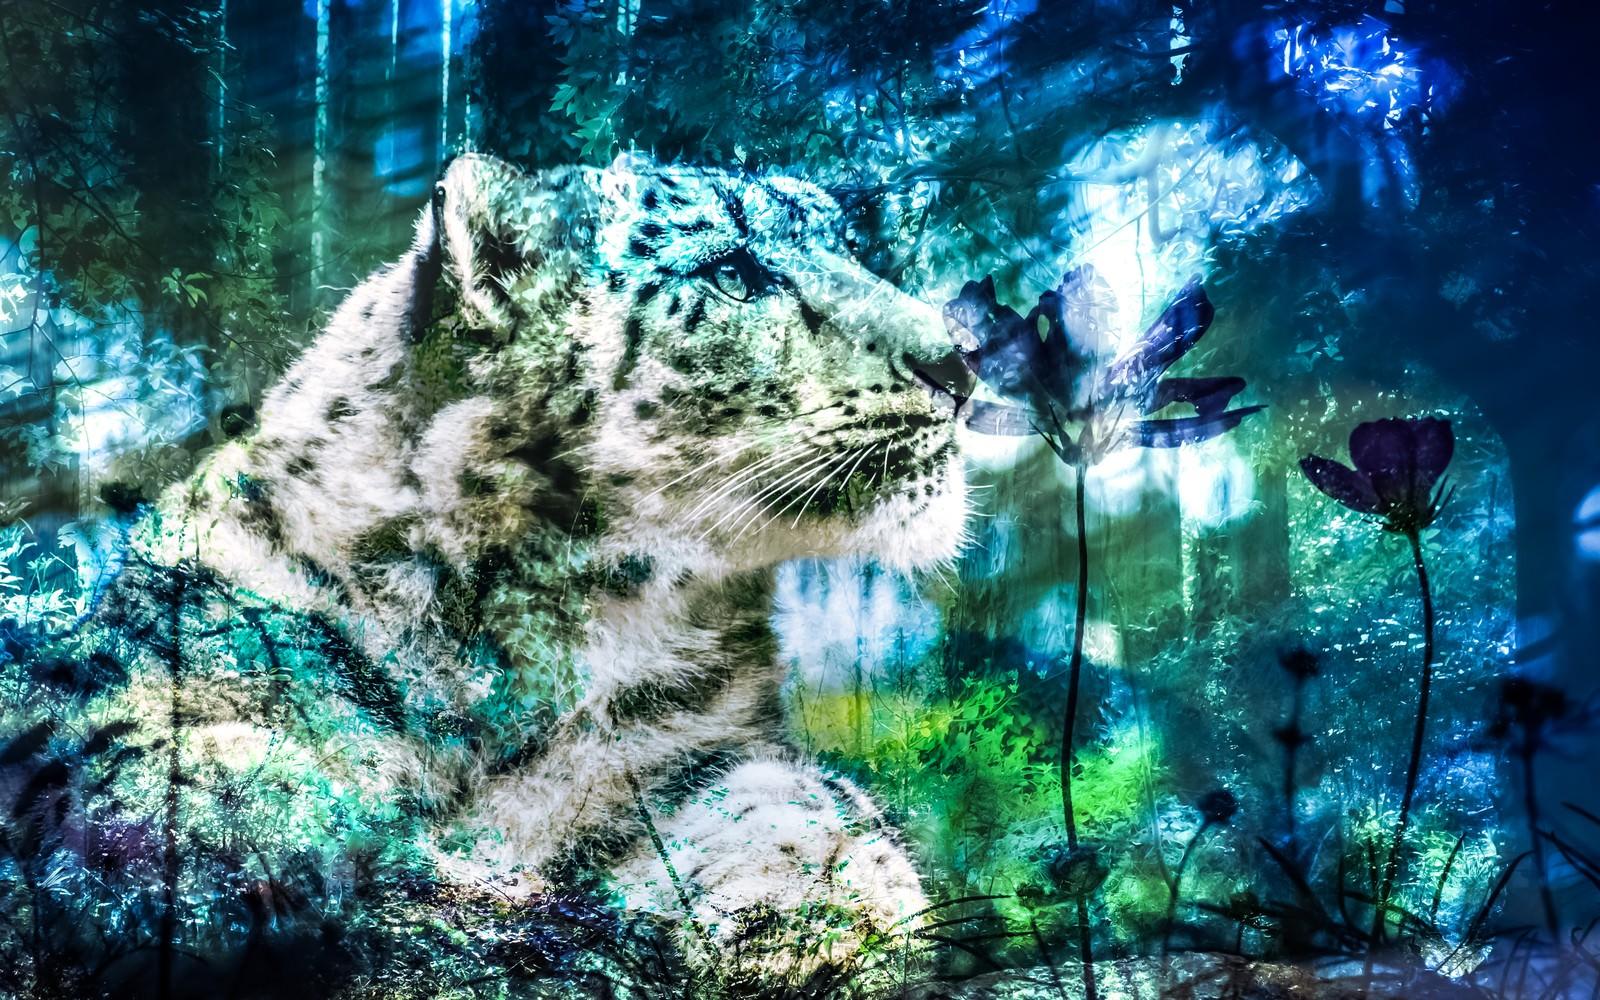 「虎と森のやすらぎ(フォトモンタージュ)」の写真